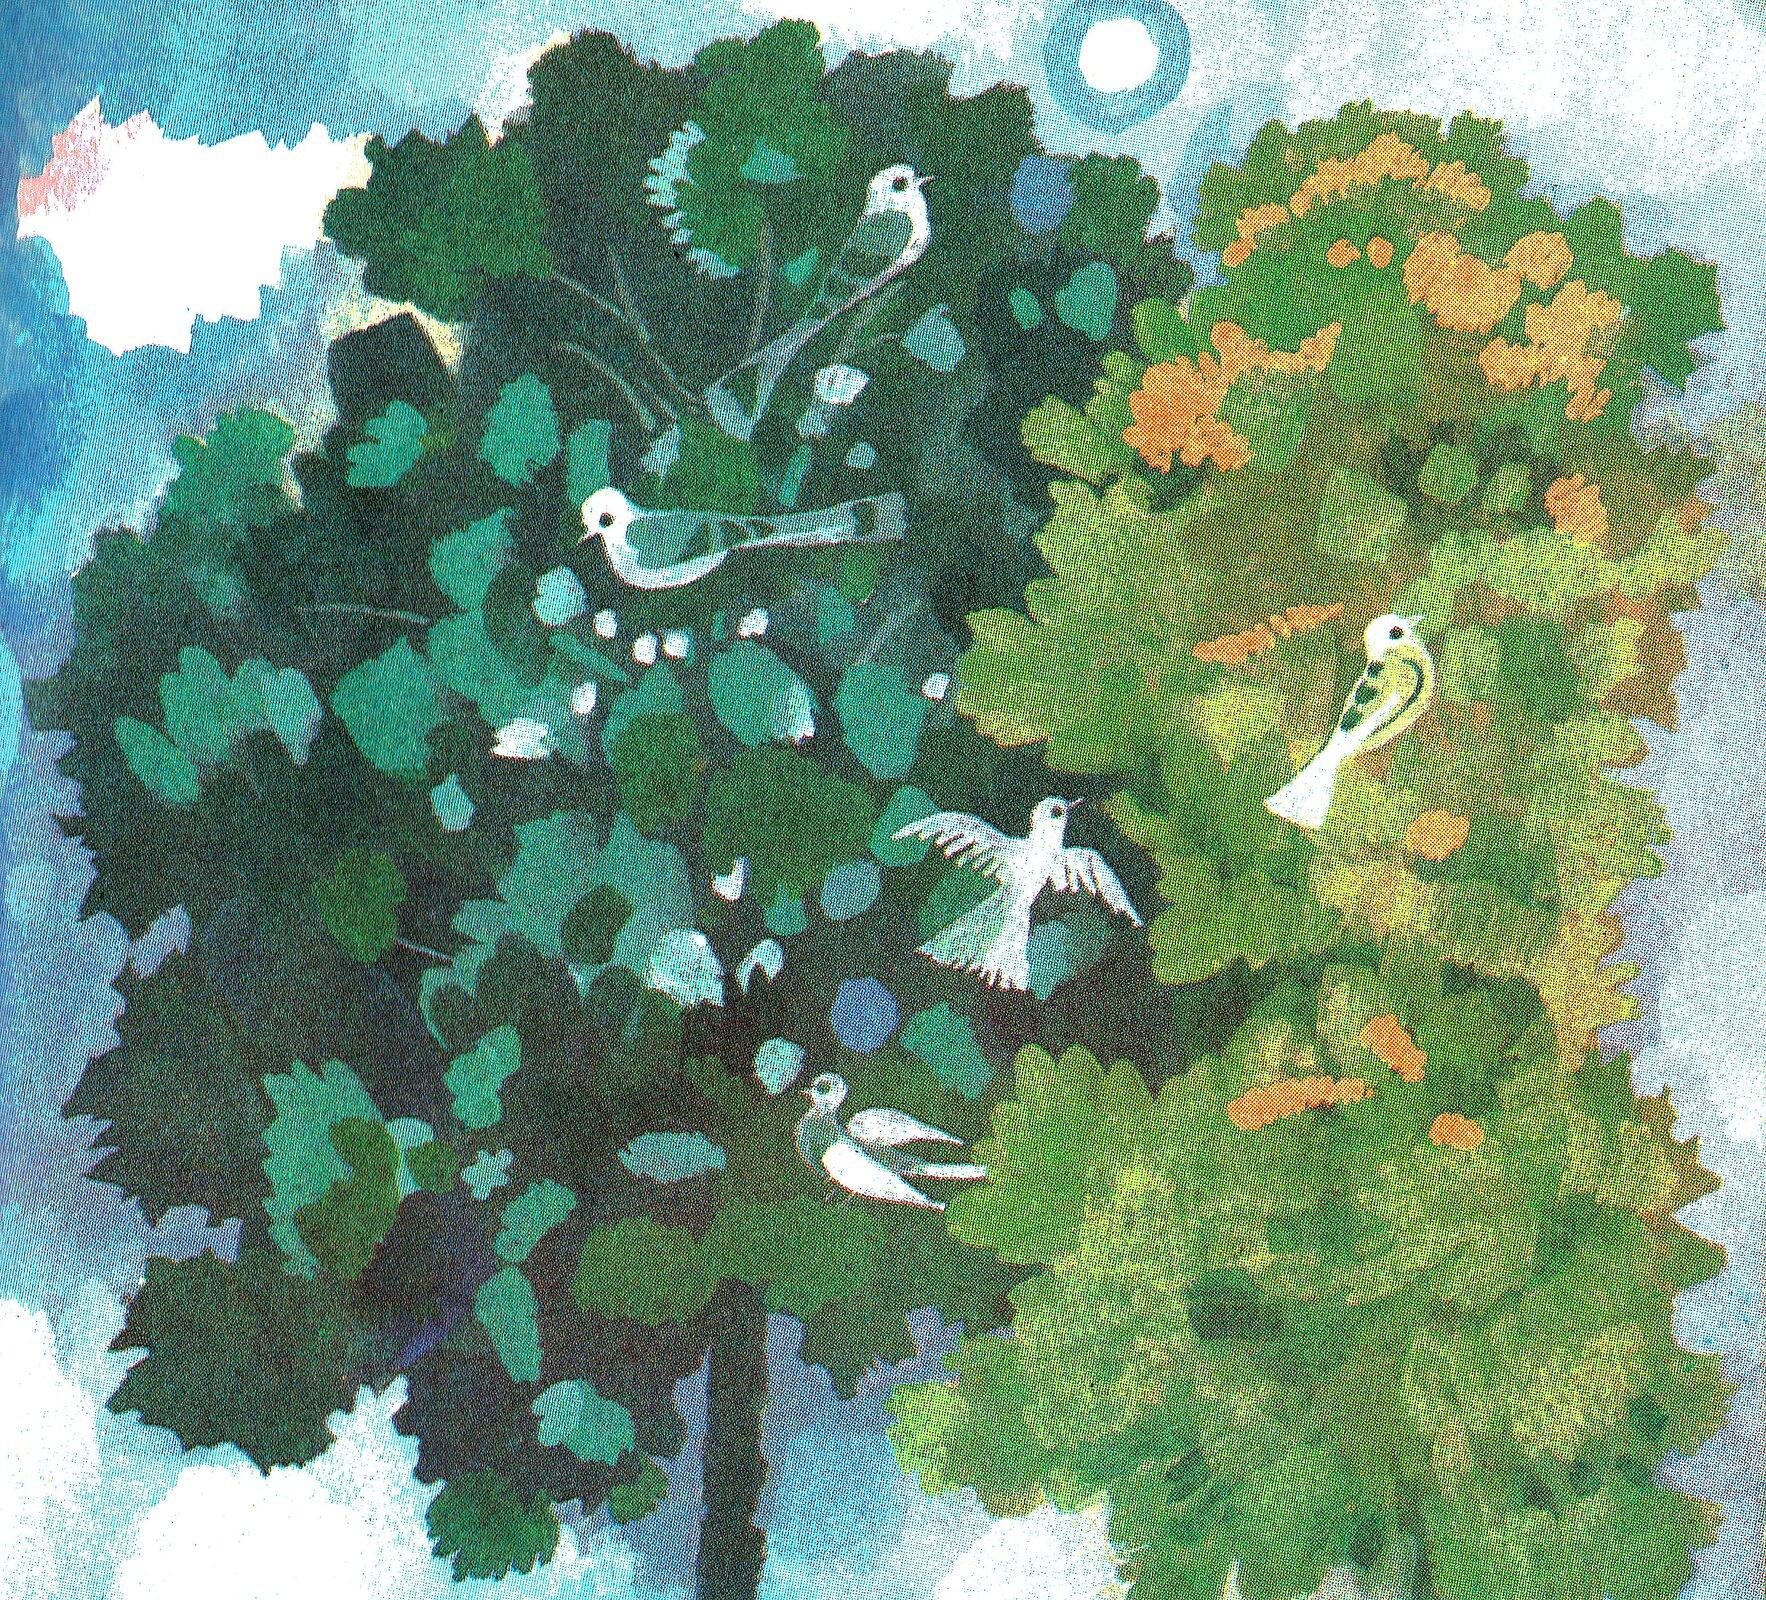 Ilustracja przedstawia grafikę zksiążki dla dzieci Józefa Ratajczaka, ukazującą dwie korony drzew zptakami. Tłem jest błękitne niebo.